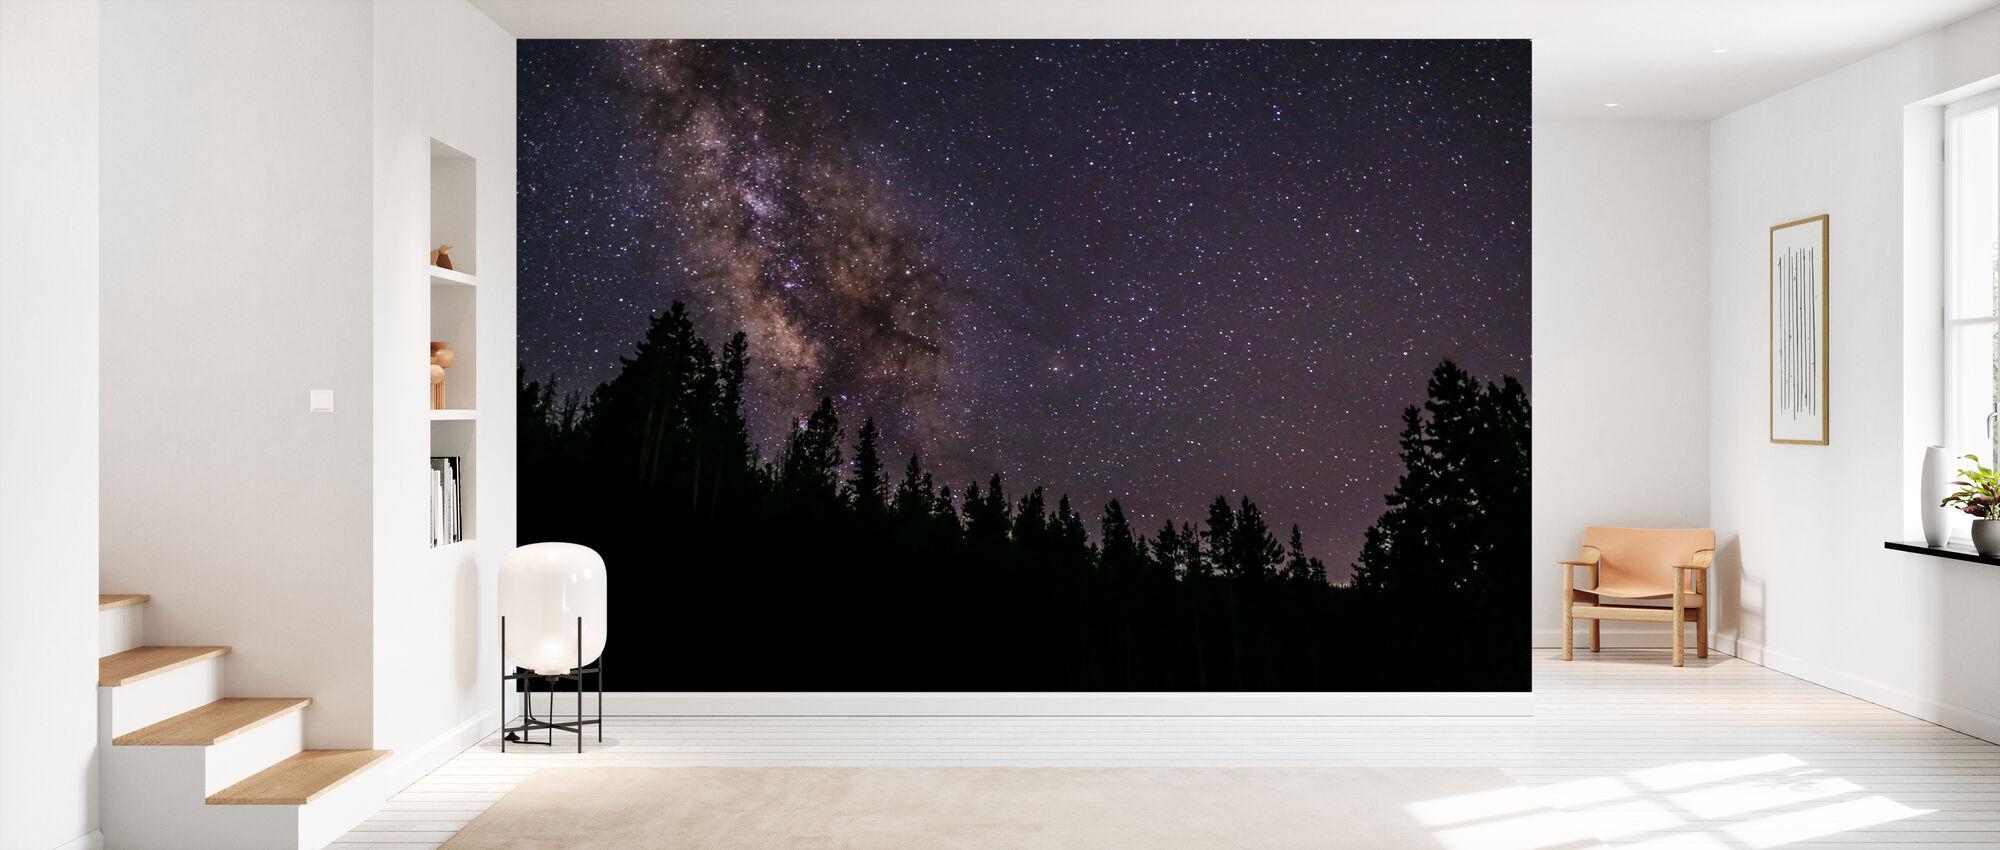 Milky Way - Wallpaper - Hallway